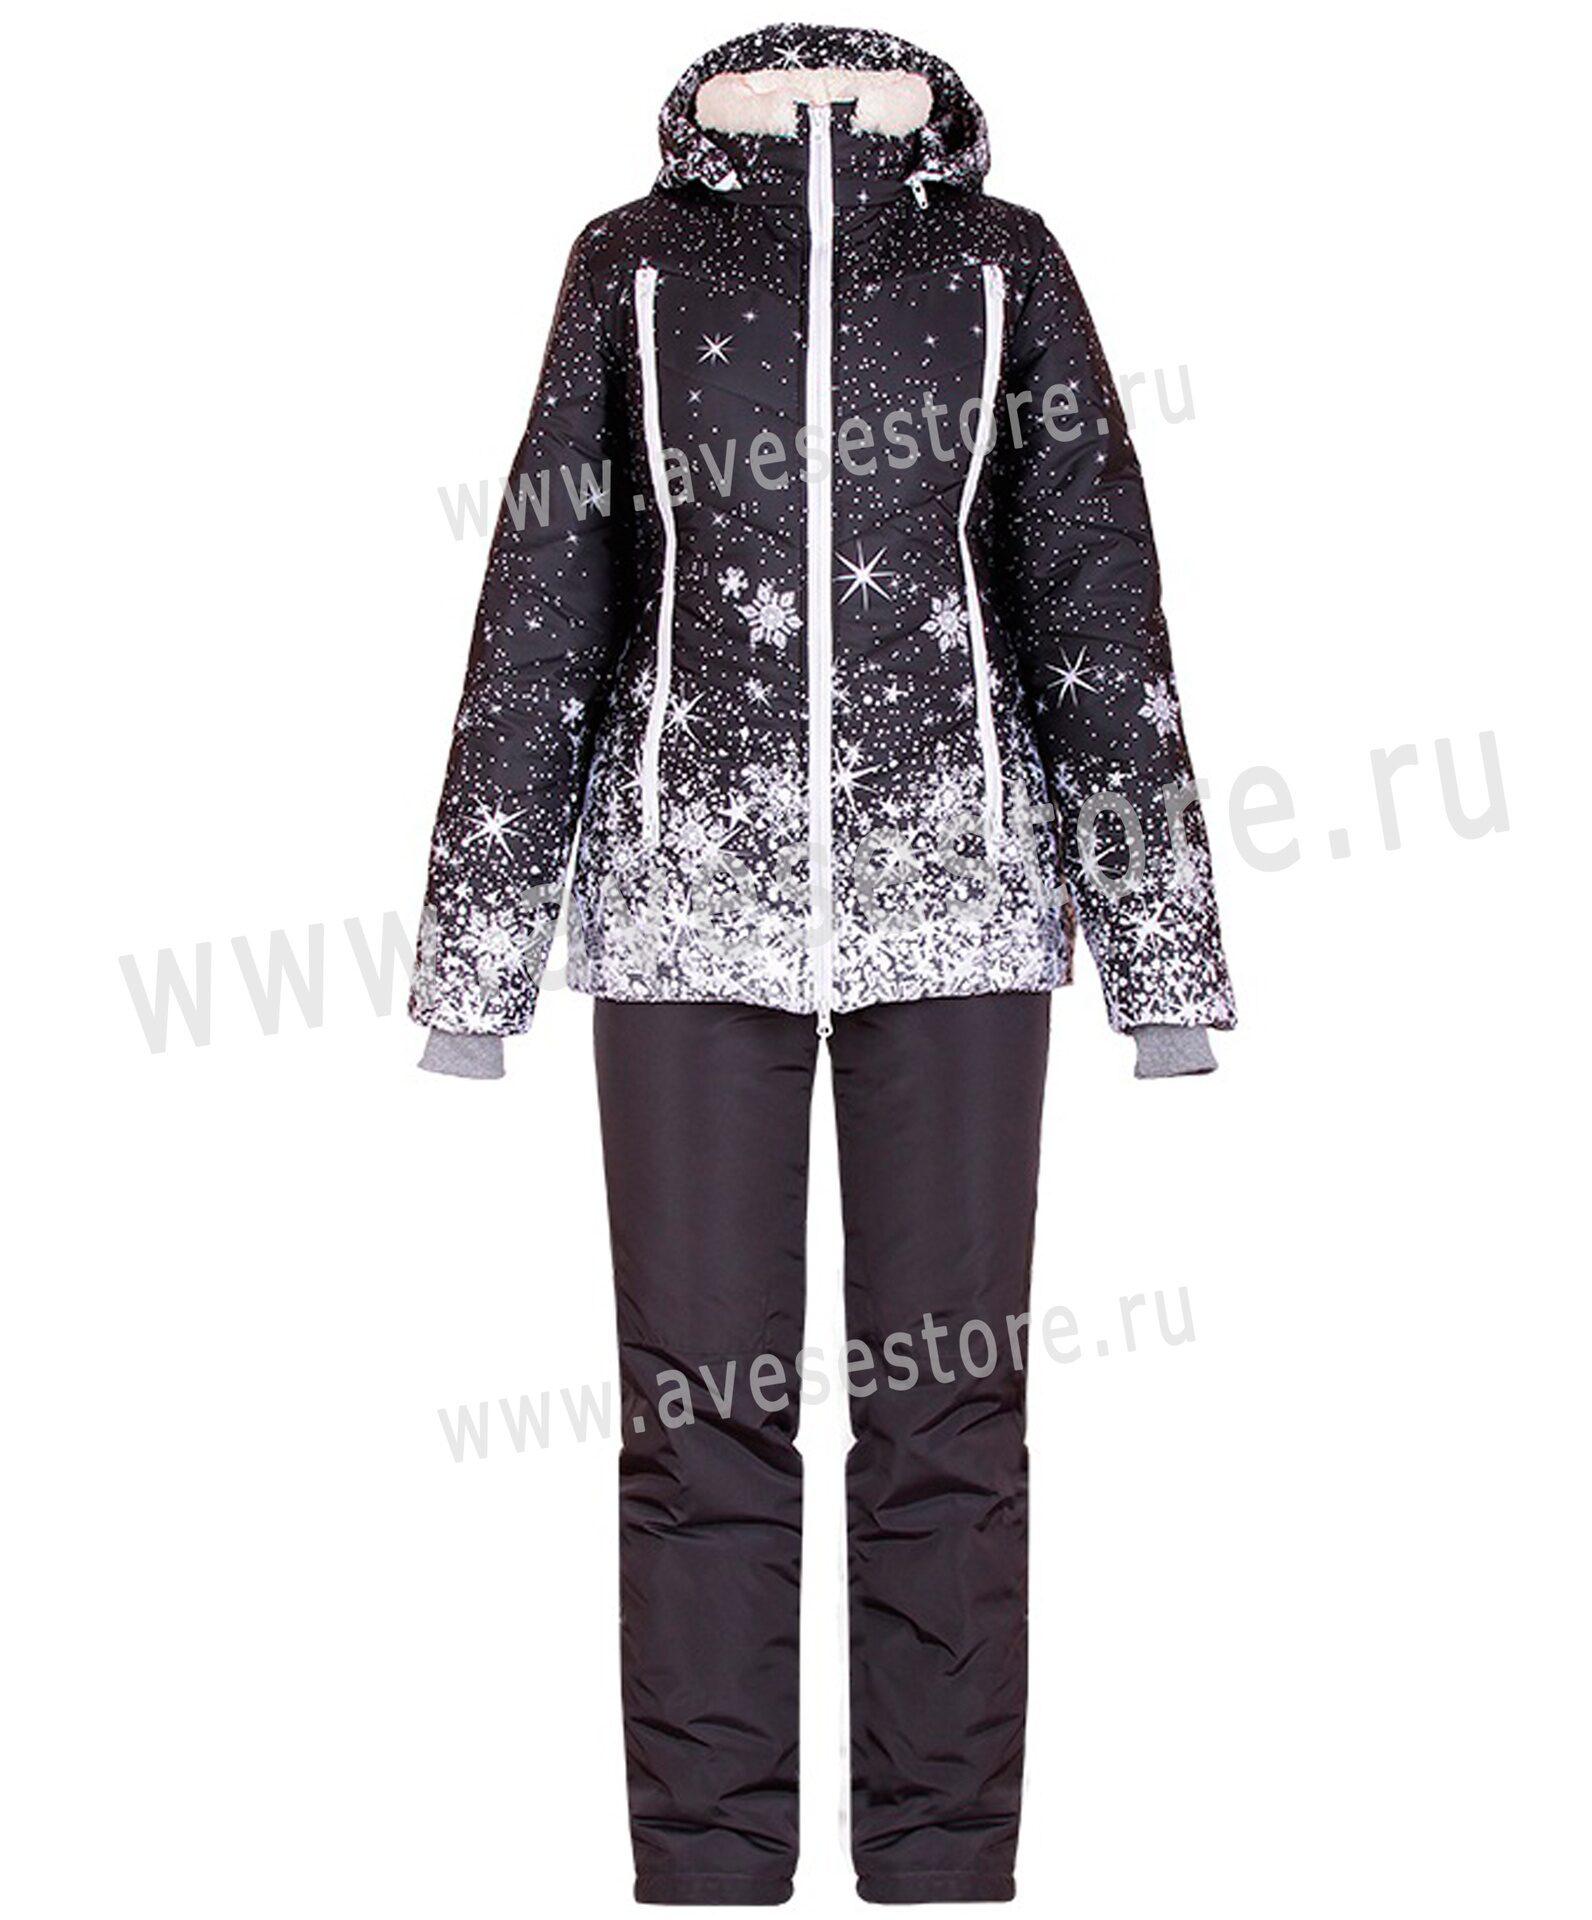 Женский костюм для прогулок